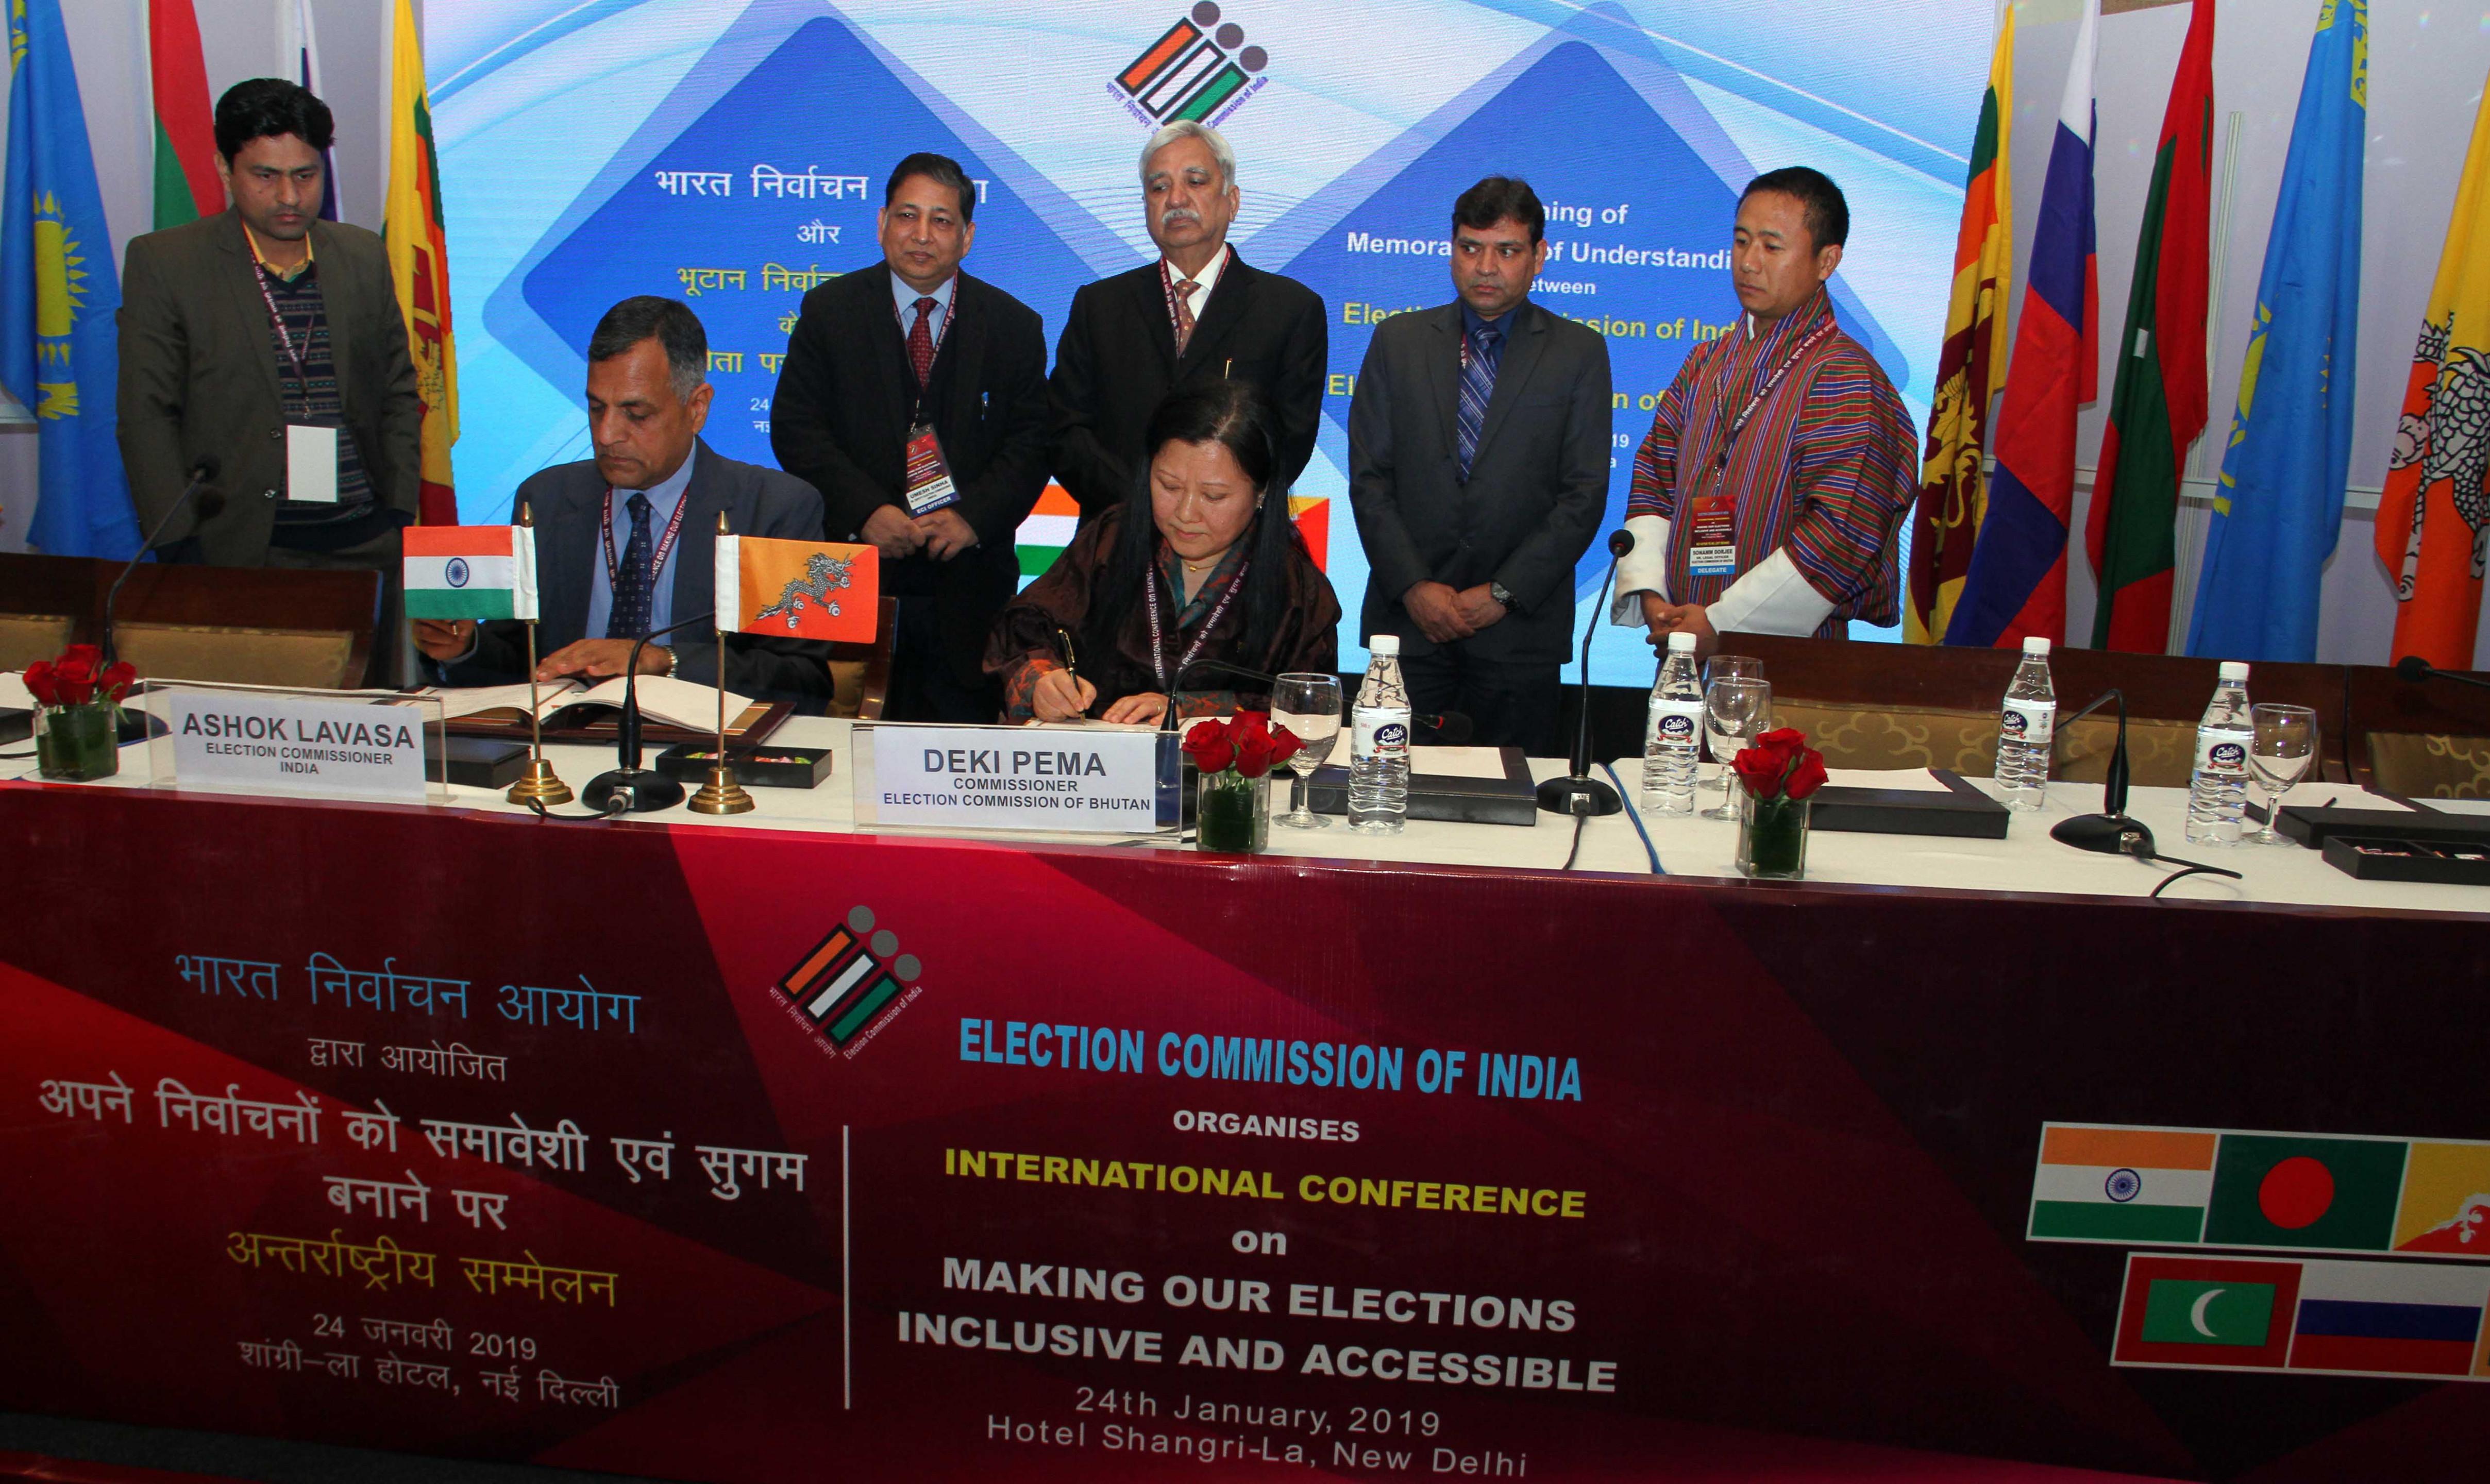 24 जनवरी, 2019 को नई दिल्ली में भूटान के निर्वाचन आयोग और भारत के निर्वाचन आयोग के बीच समझौता ज्ञापन पर हस्ताक्षर करते हुए